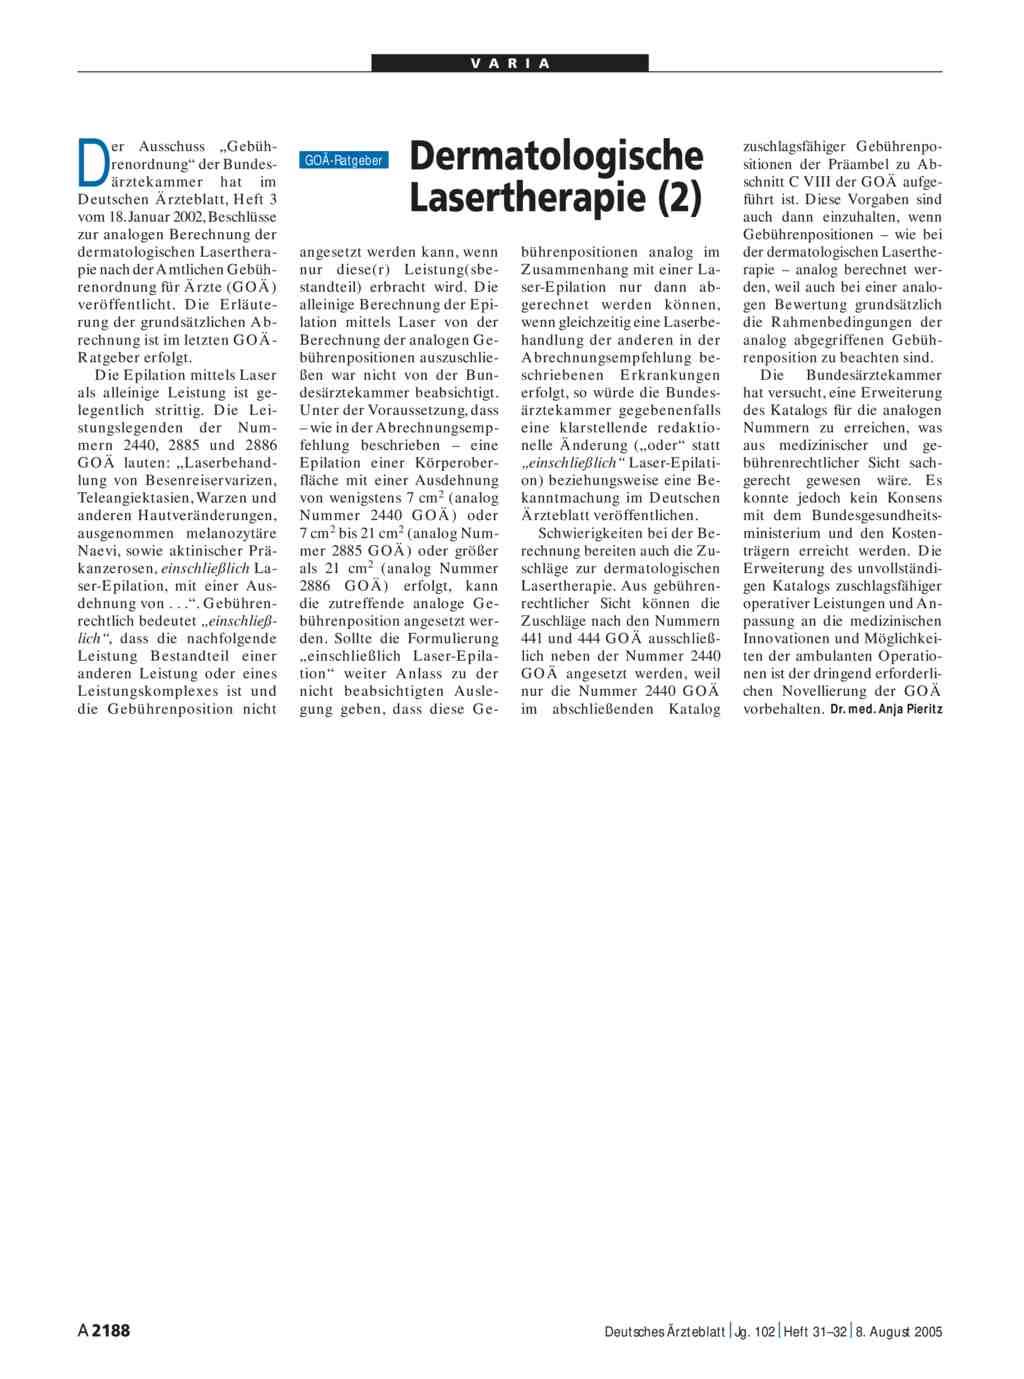 Dermatologische Lasertherapie 2